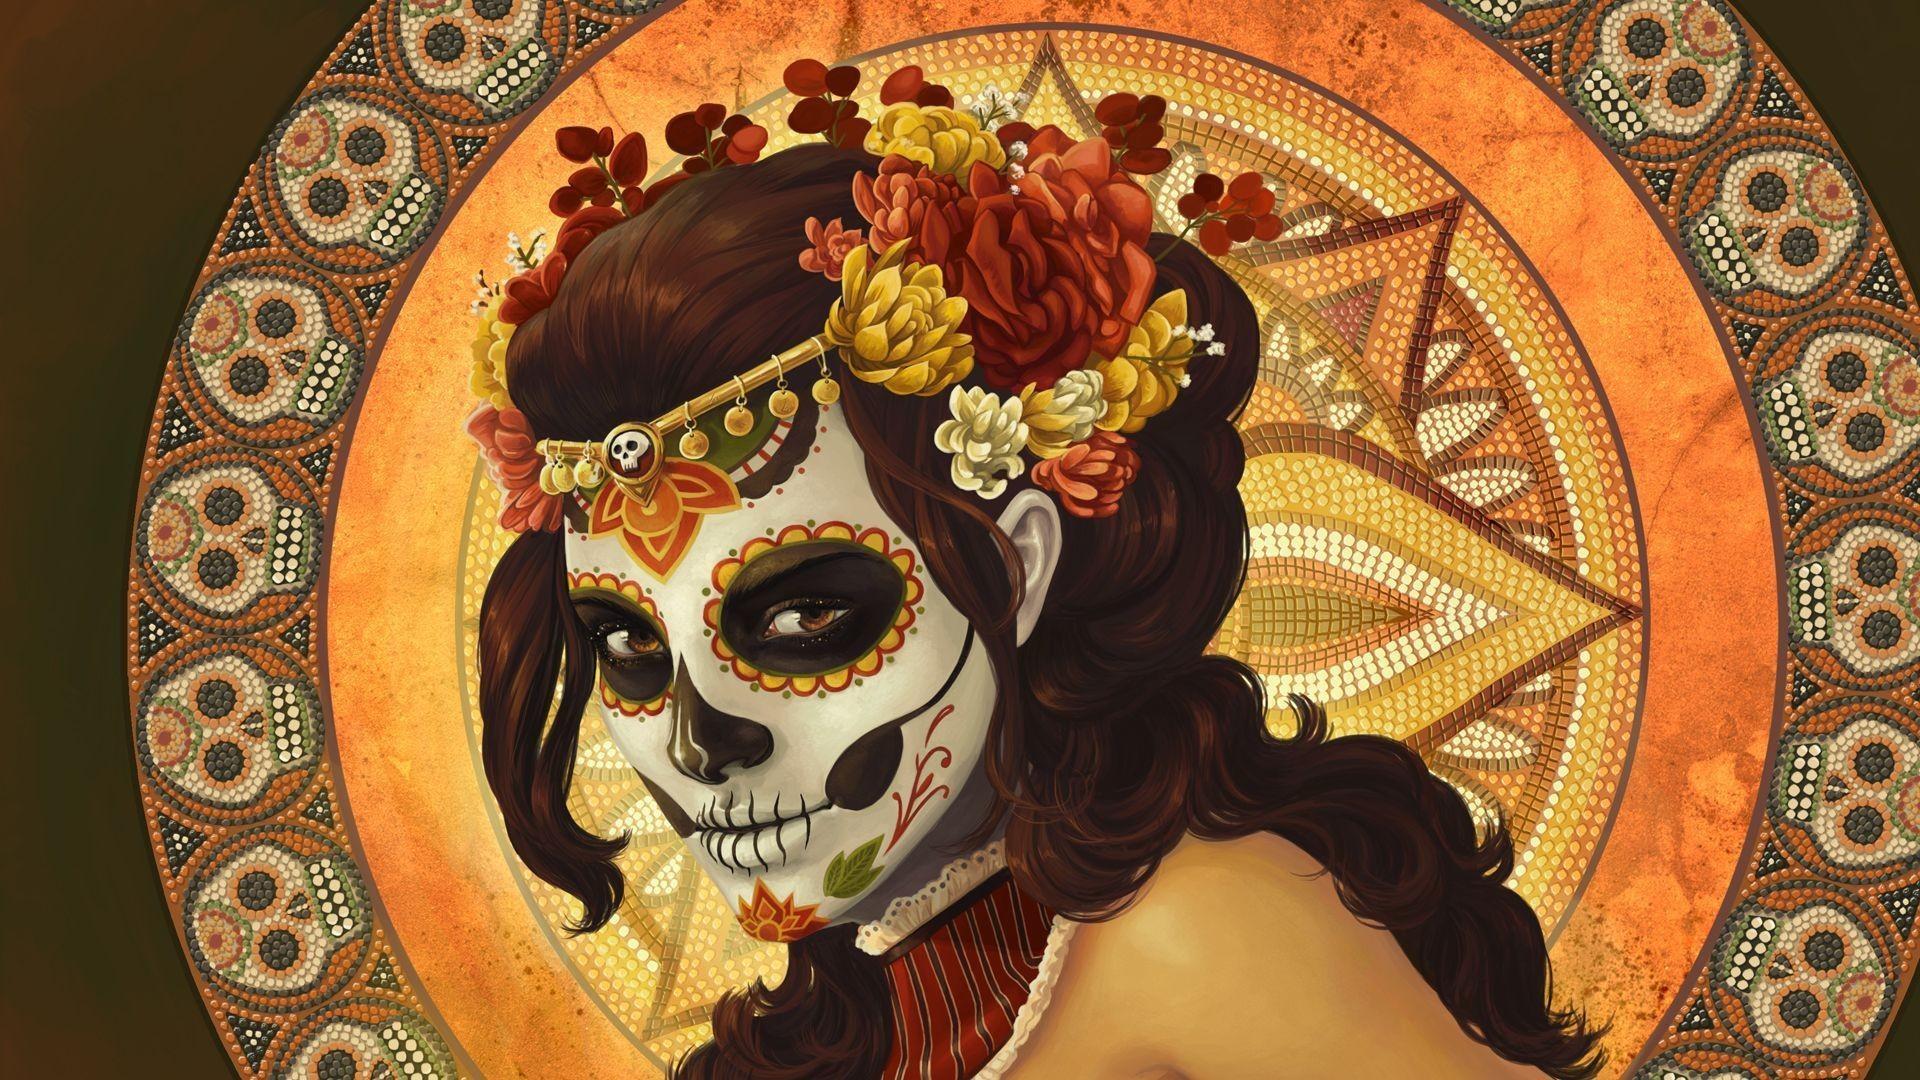 Girl With Skull Mask – Wallpaper #32904